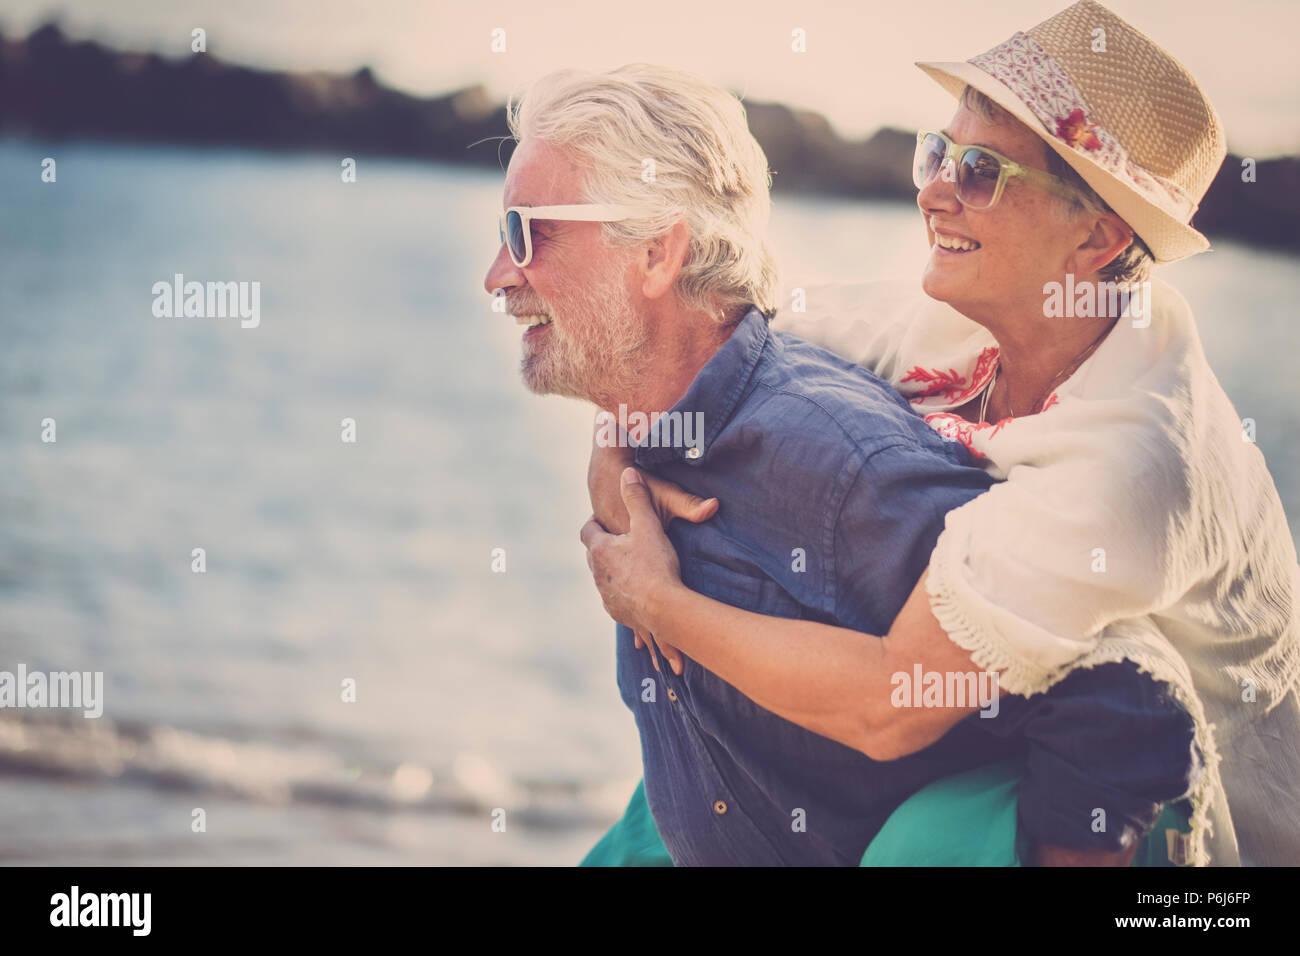 Happy senior couple s'amuser et profiter de l'activité de loisirs de plein air sur la plage. l'homme porter la femme sur le dos pour profiter ensemble un ancien lifestyl Banque D'Images